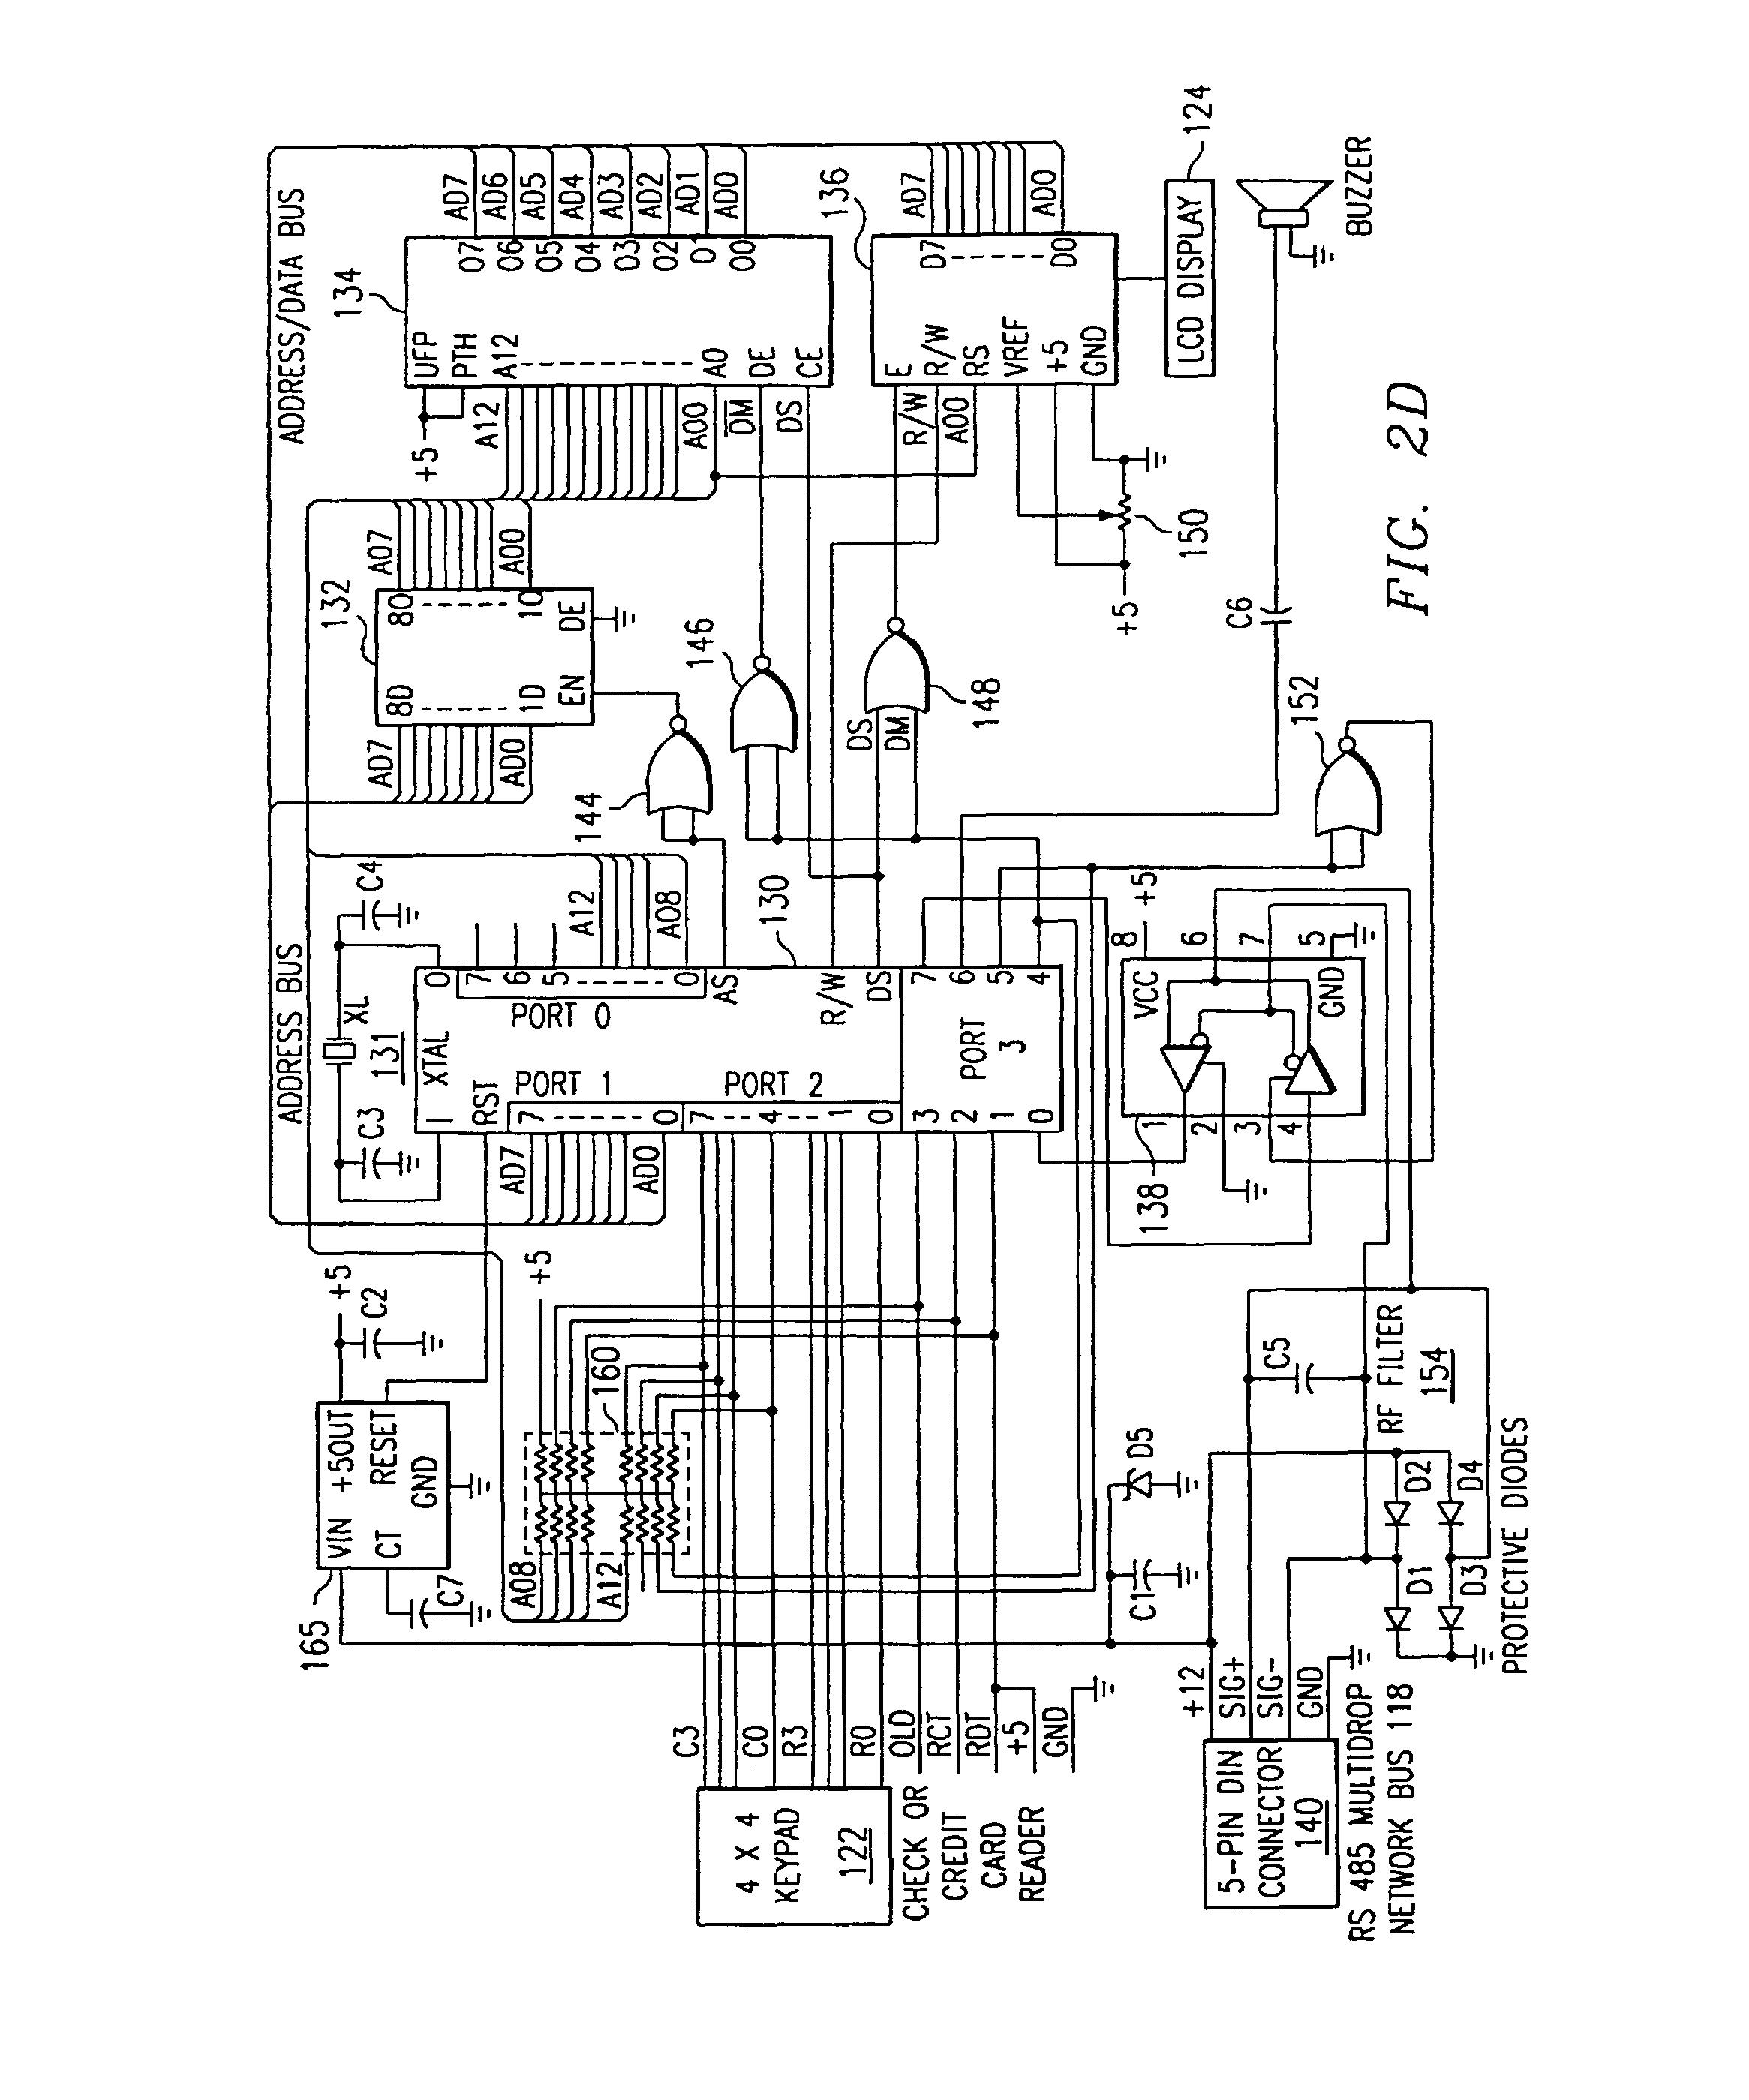 civil war diagram, numbers diagram, cobra diagram, stingray diagram, cigarette diagram, birds of prey diagram, black panther diagram, on 1979 checkmate wiring diagram